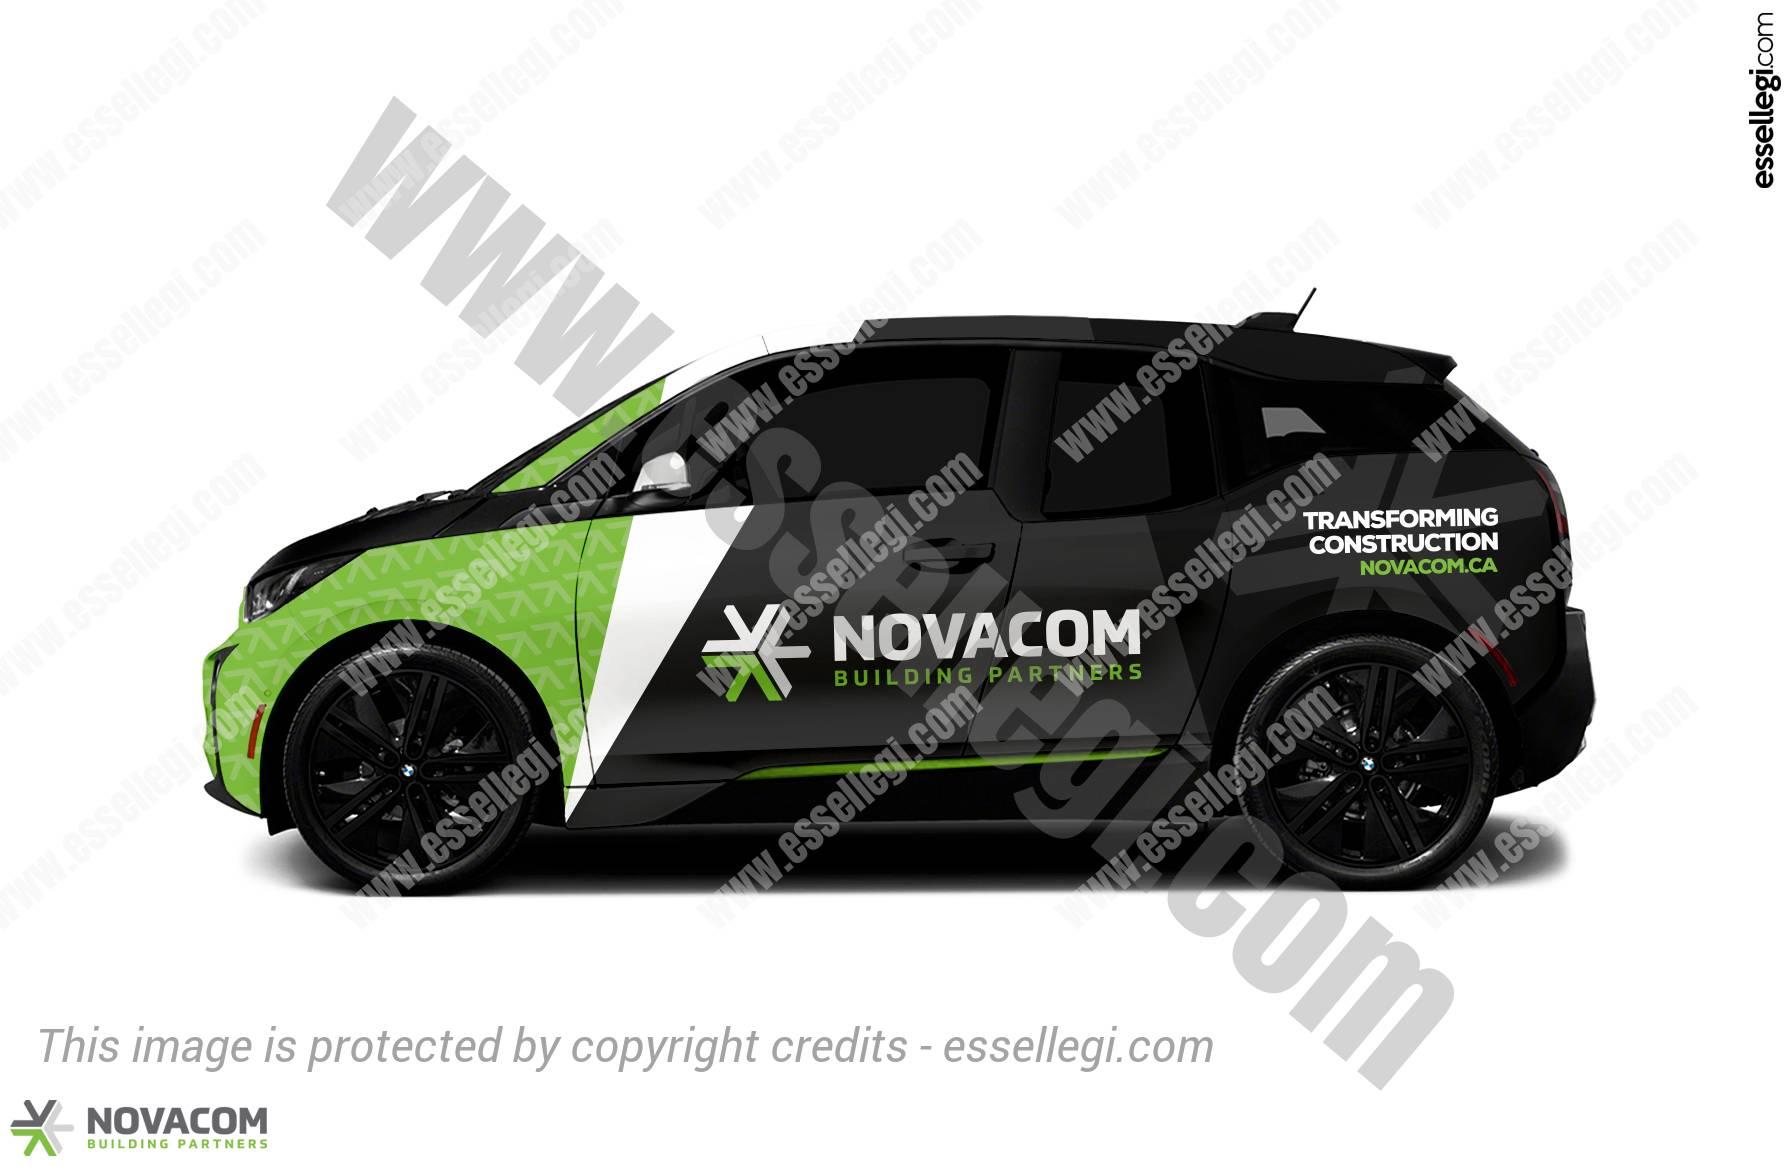 NOVACOM | CAR WRAP DESIGN 🇨🇦